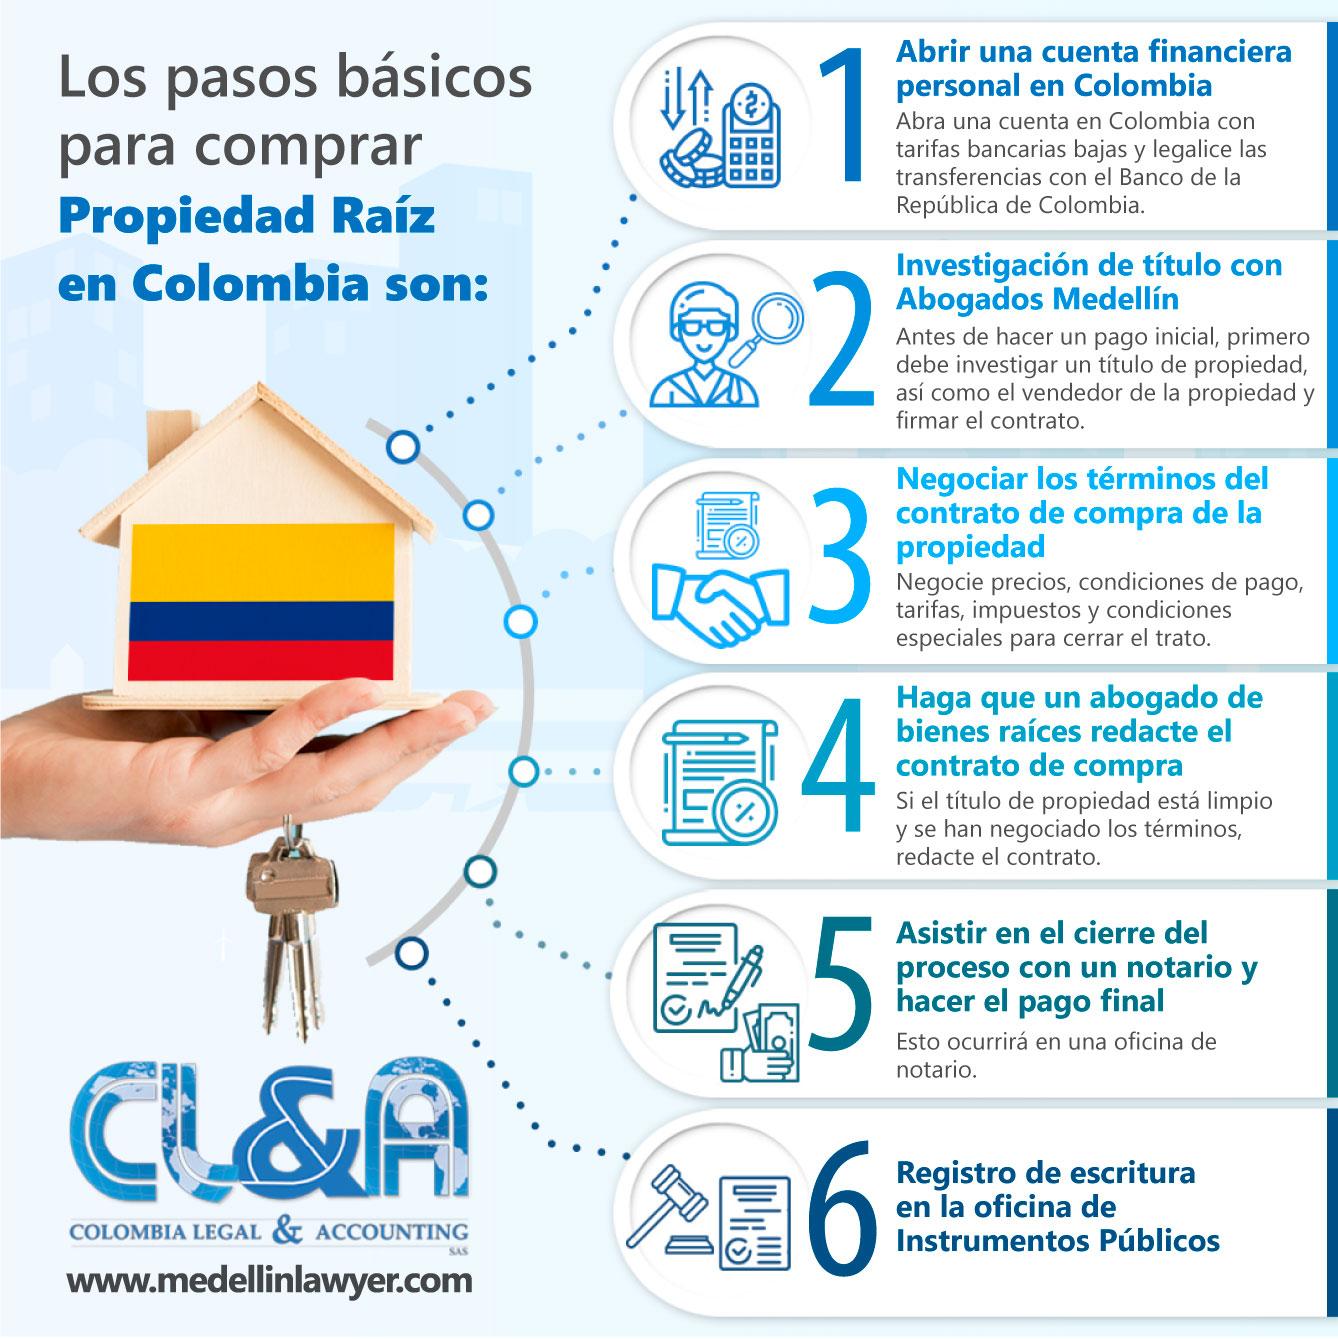 Pasos Basicos para comprar propiedad raíz en Colombia